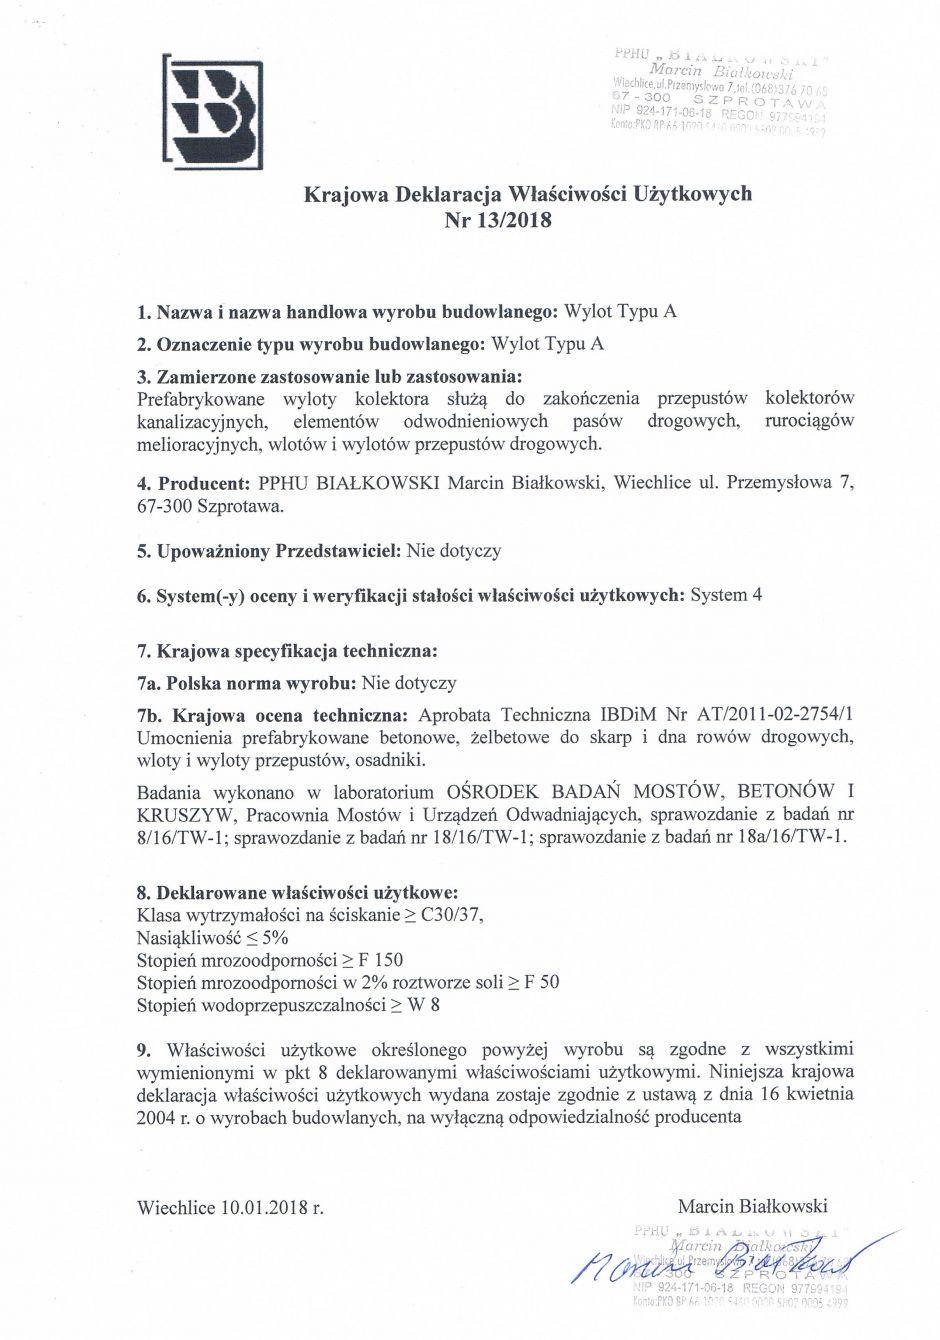 Krajowa Deklaracja Właściwości Użytkowych Nr 13/2018